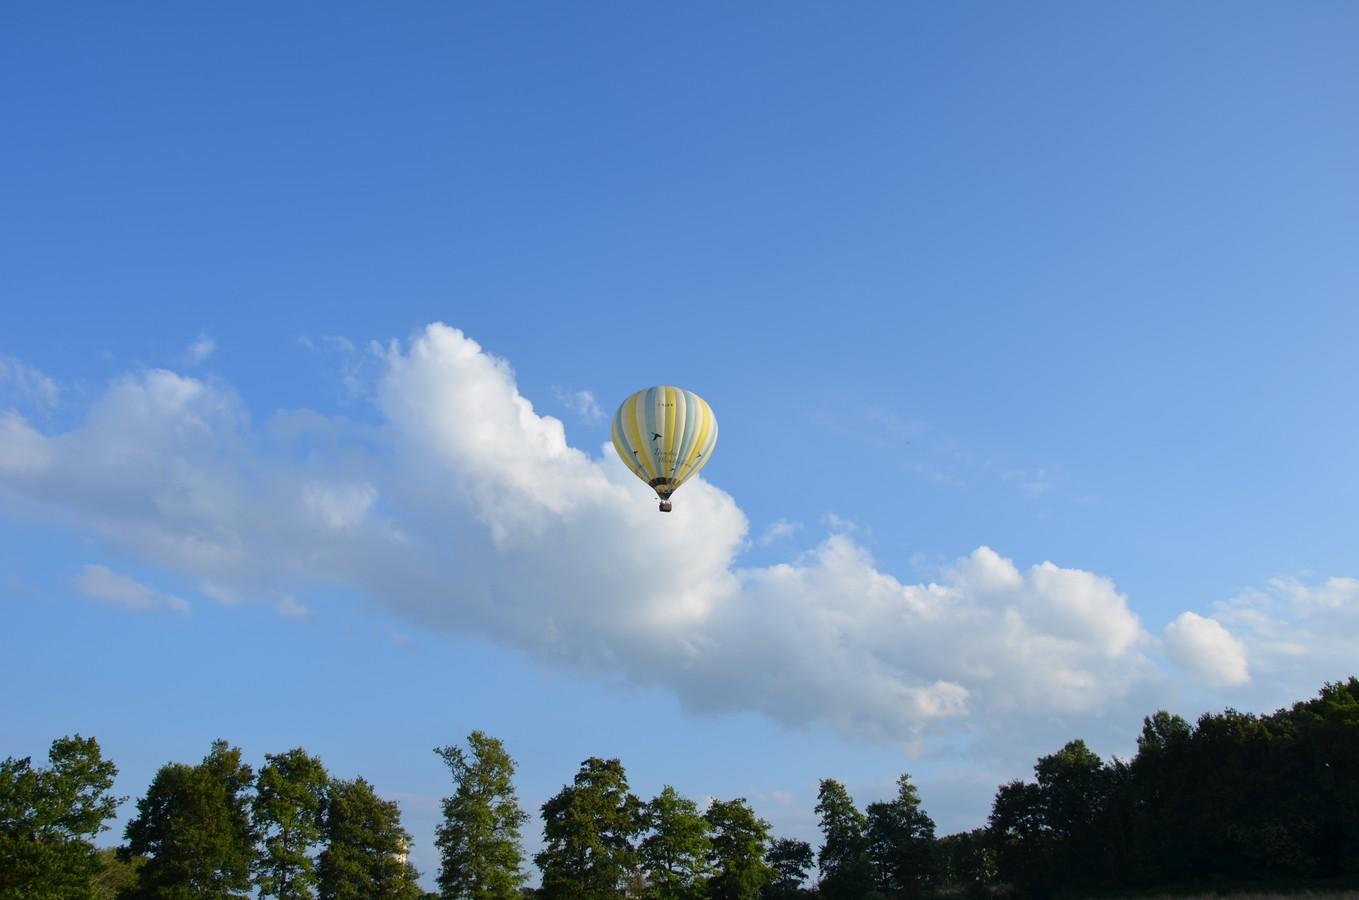 La montgolfière au loin dans le ciel